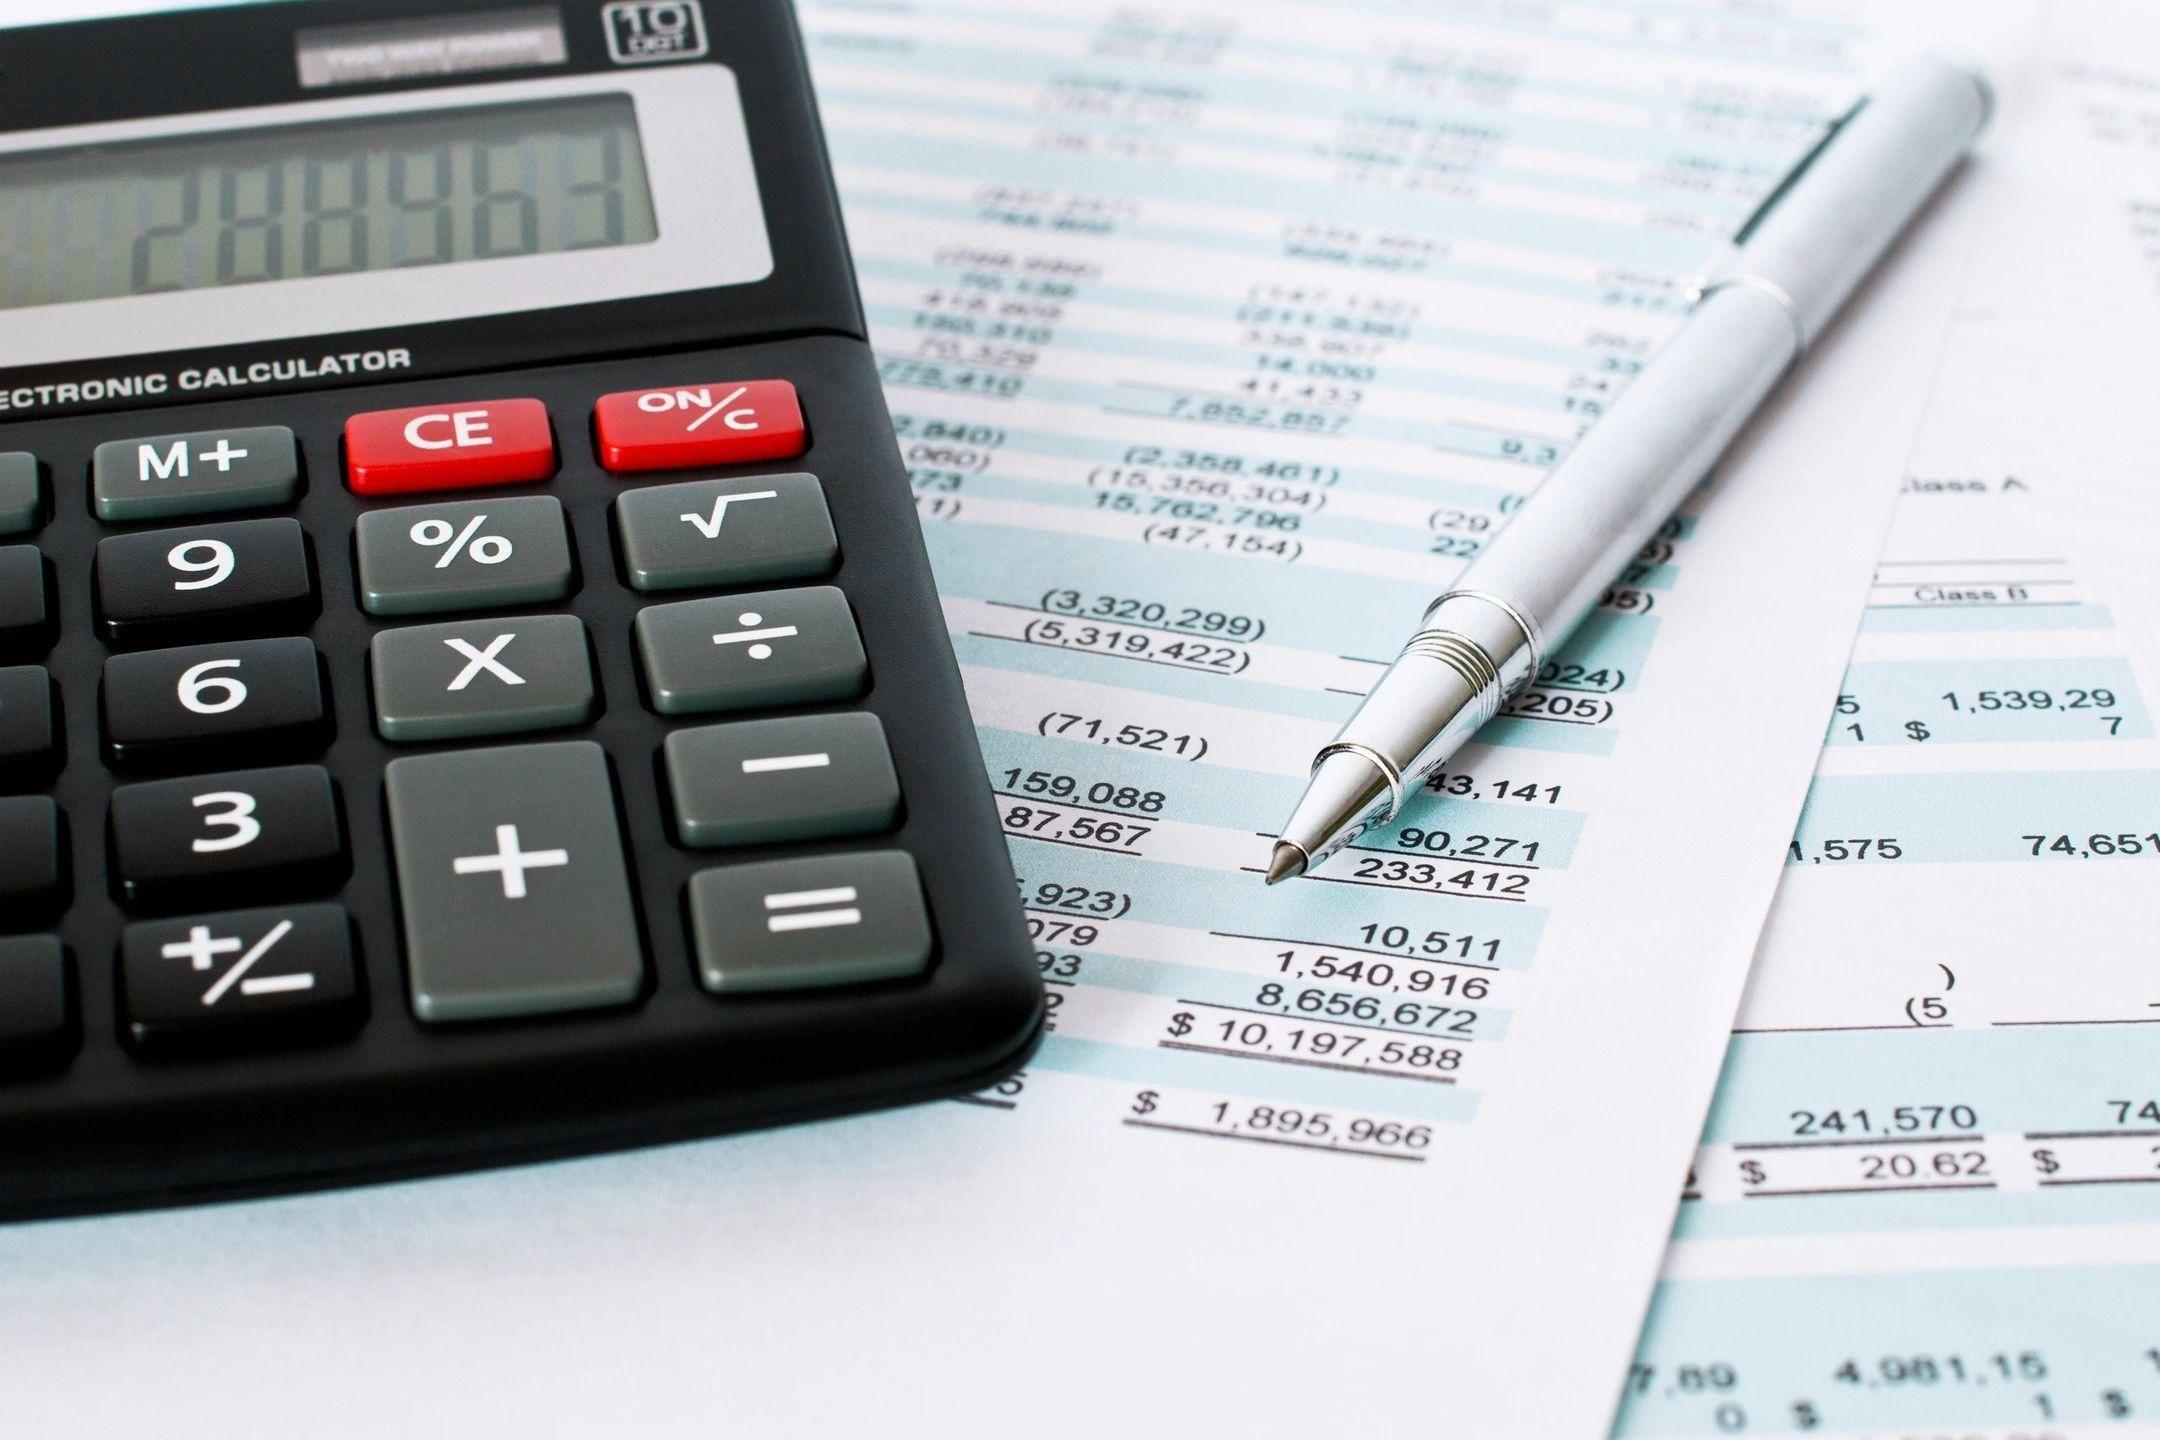 Ипотечный калькулятор поможет рассчитать ежемесячный платеж, сумму ипотеки и другие.